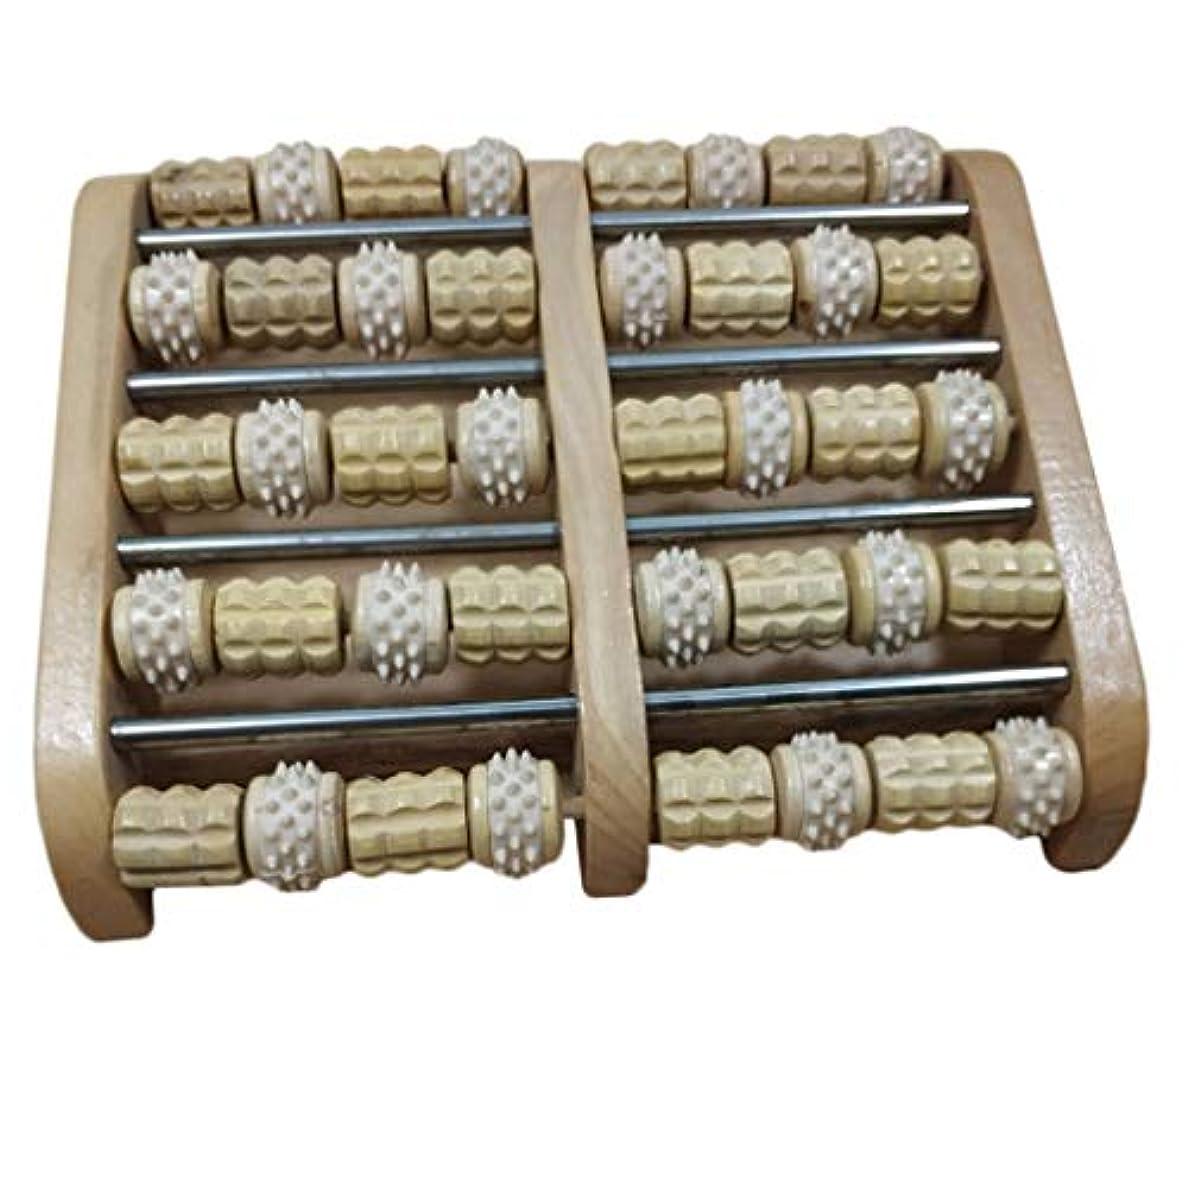 メールを書く伝えるずんぐりしたデュアルフットマッサージローラー 家庭用 サロン用 フットマッサージ 木製 高品質